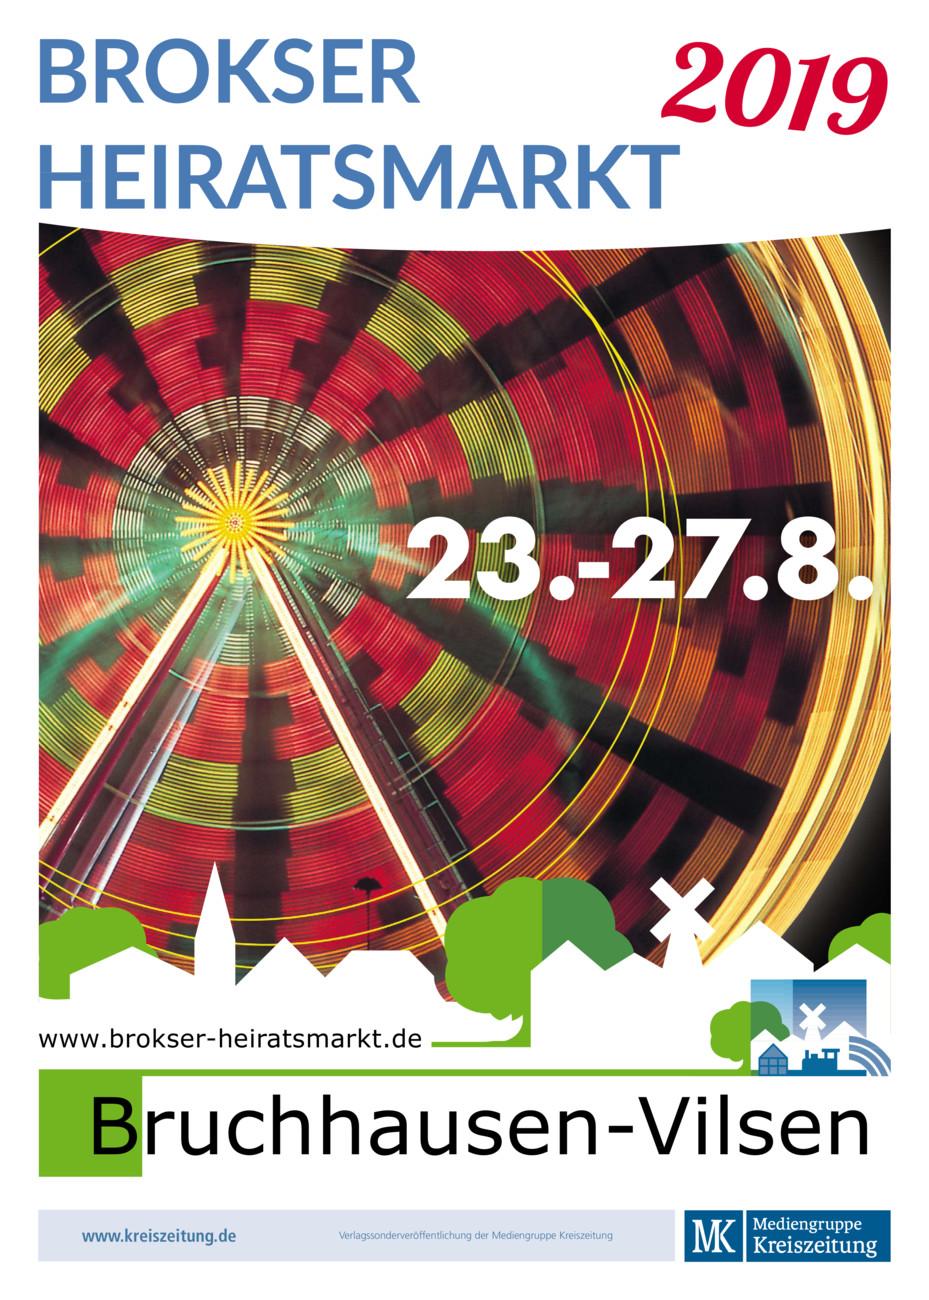 Brokser Heiratsmarkt 2019 vom Freitag, 16.08.2019